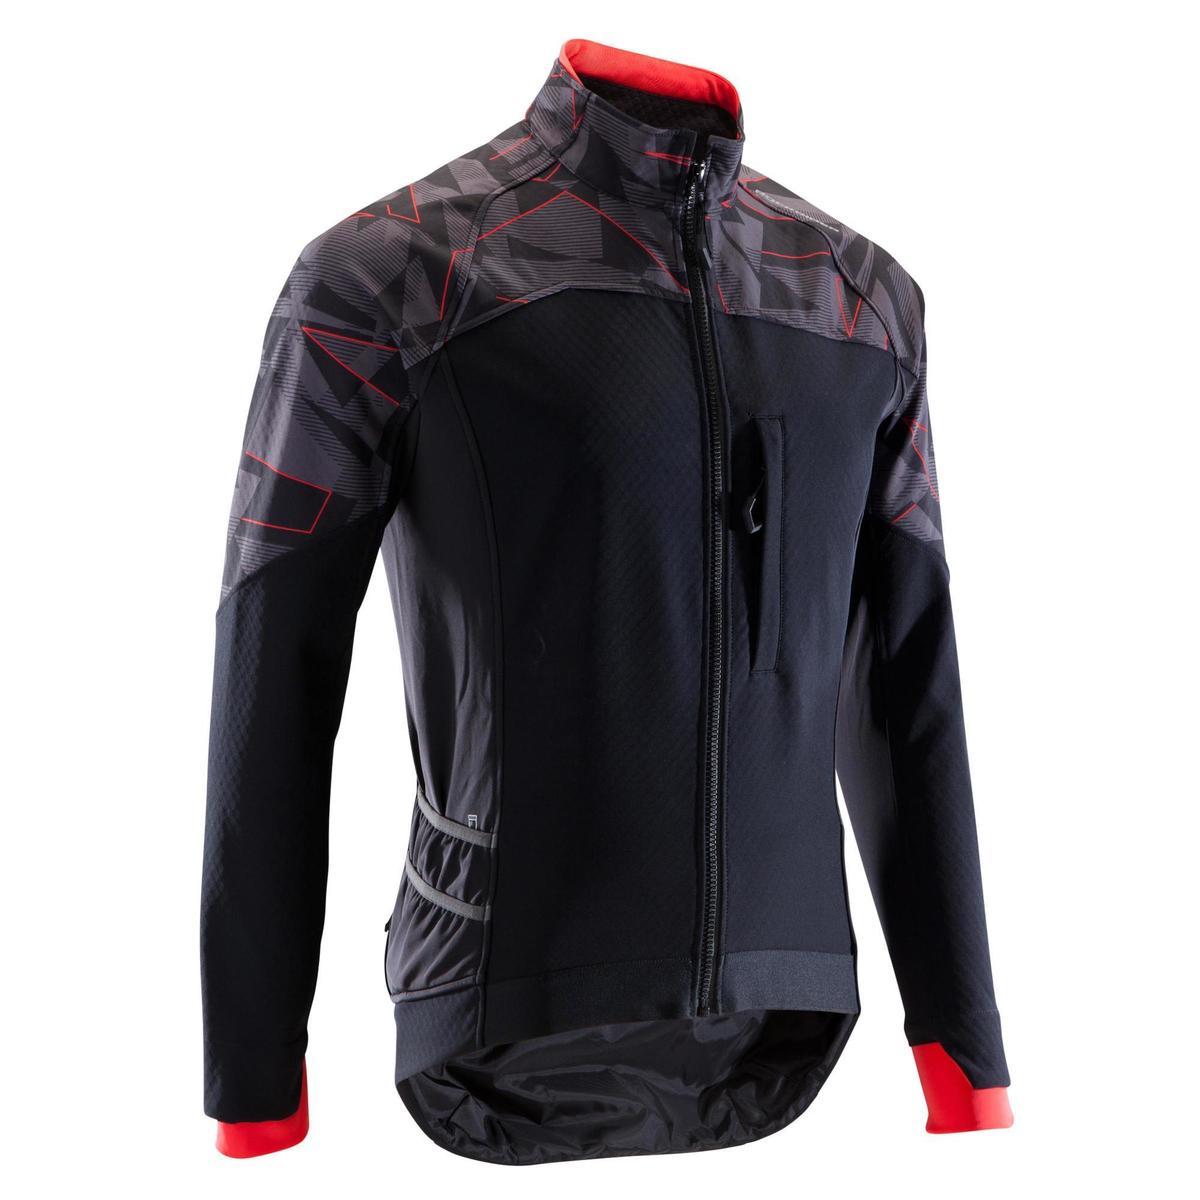 Bild 1 von MTB-Fahrradjacke ST 500 Herren schwarz/neonrot